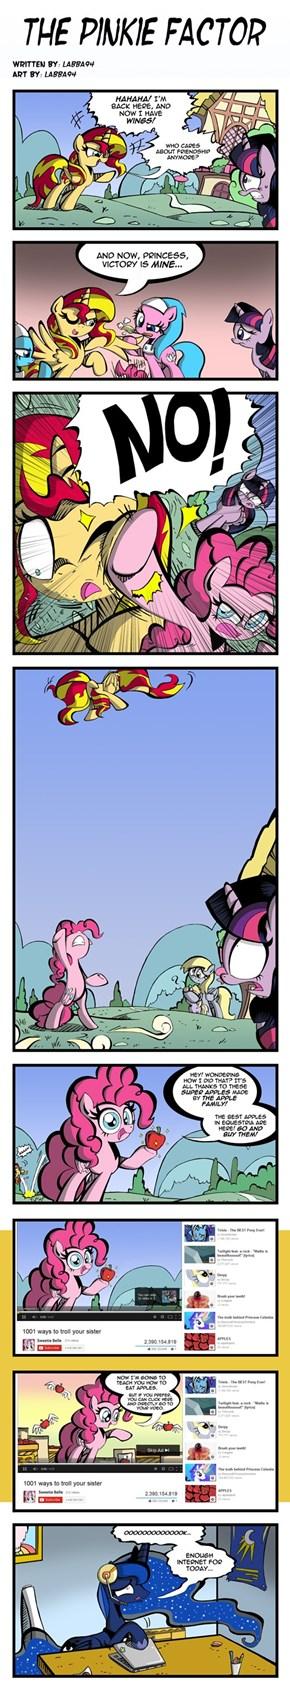 Pinkie Factor